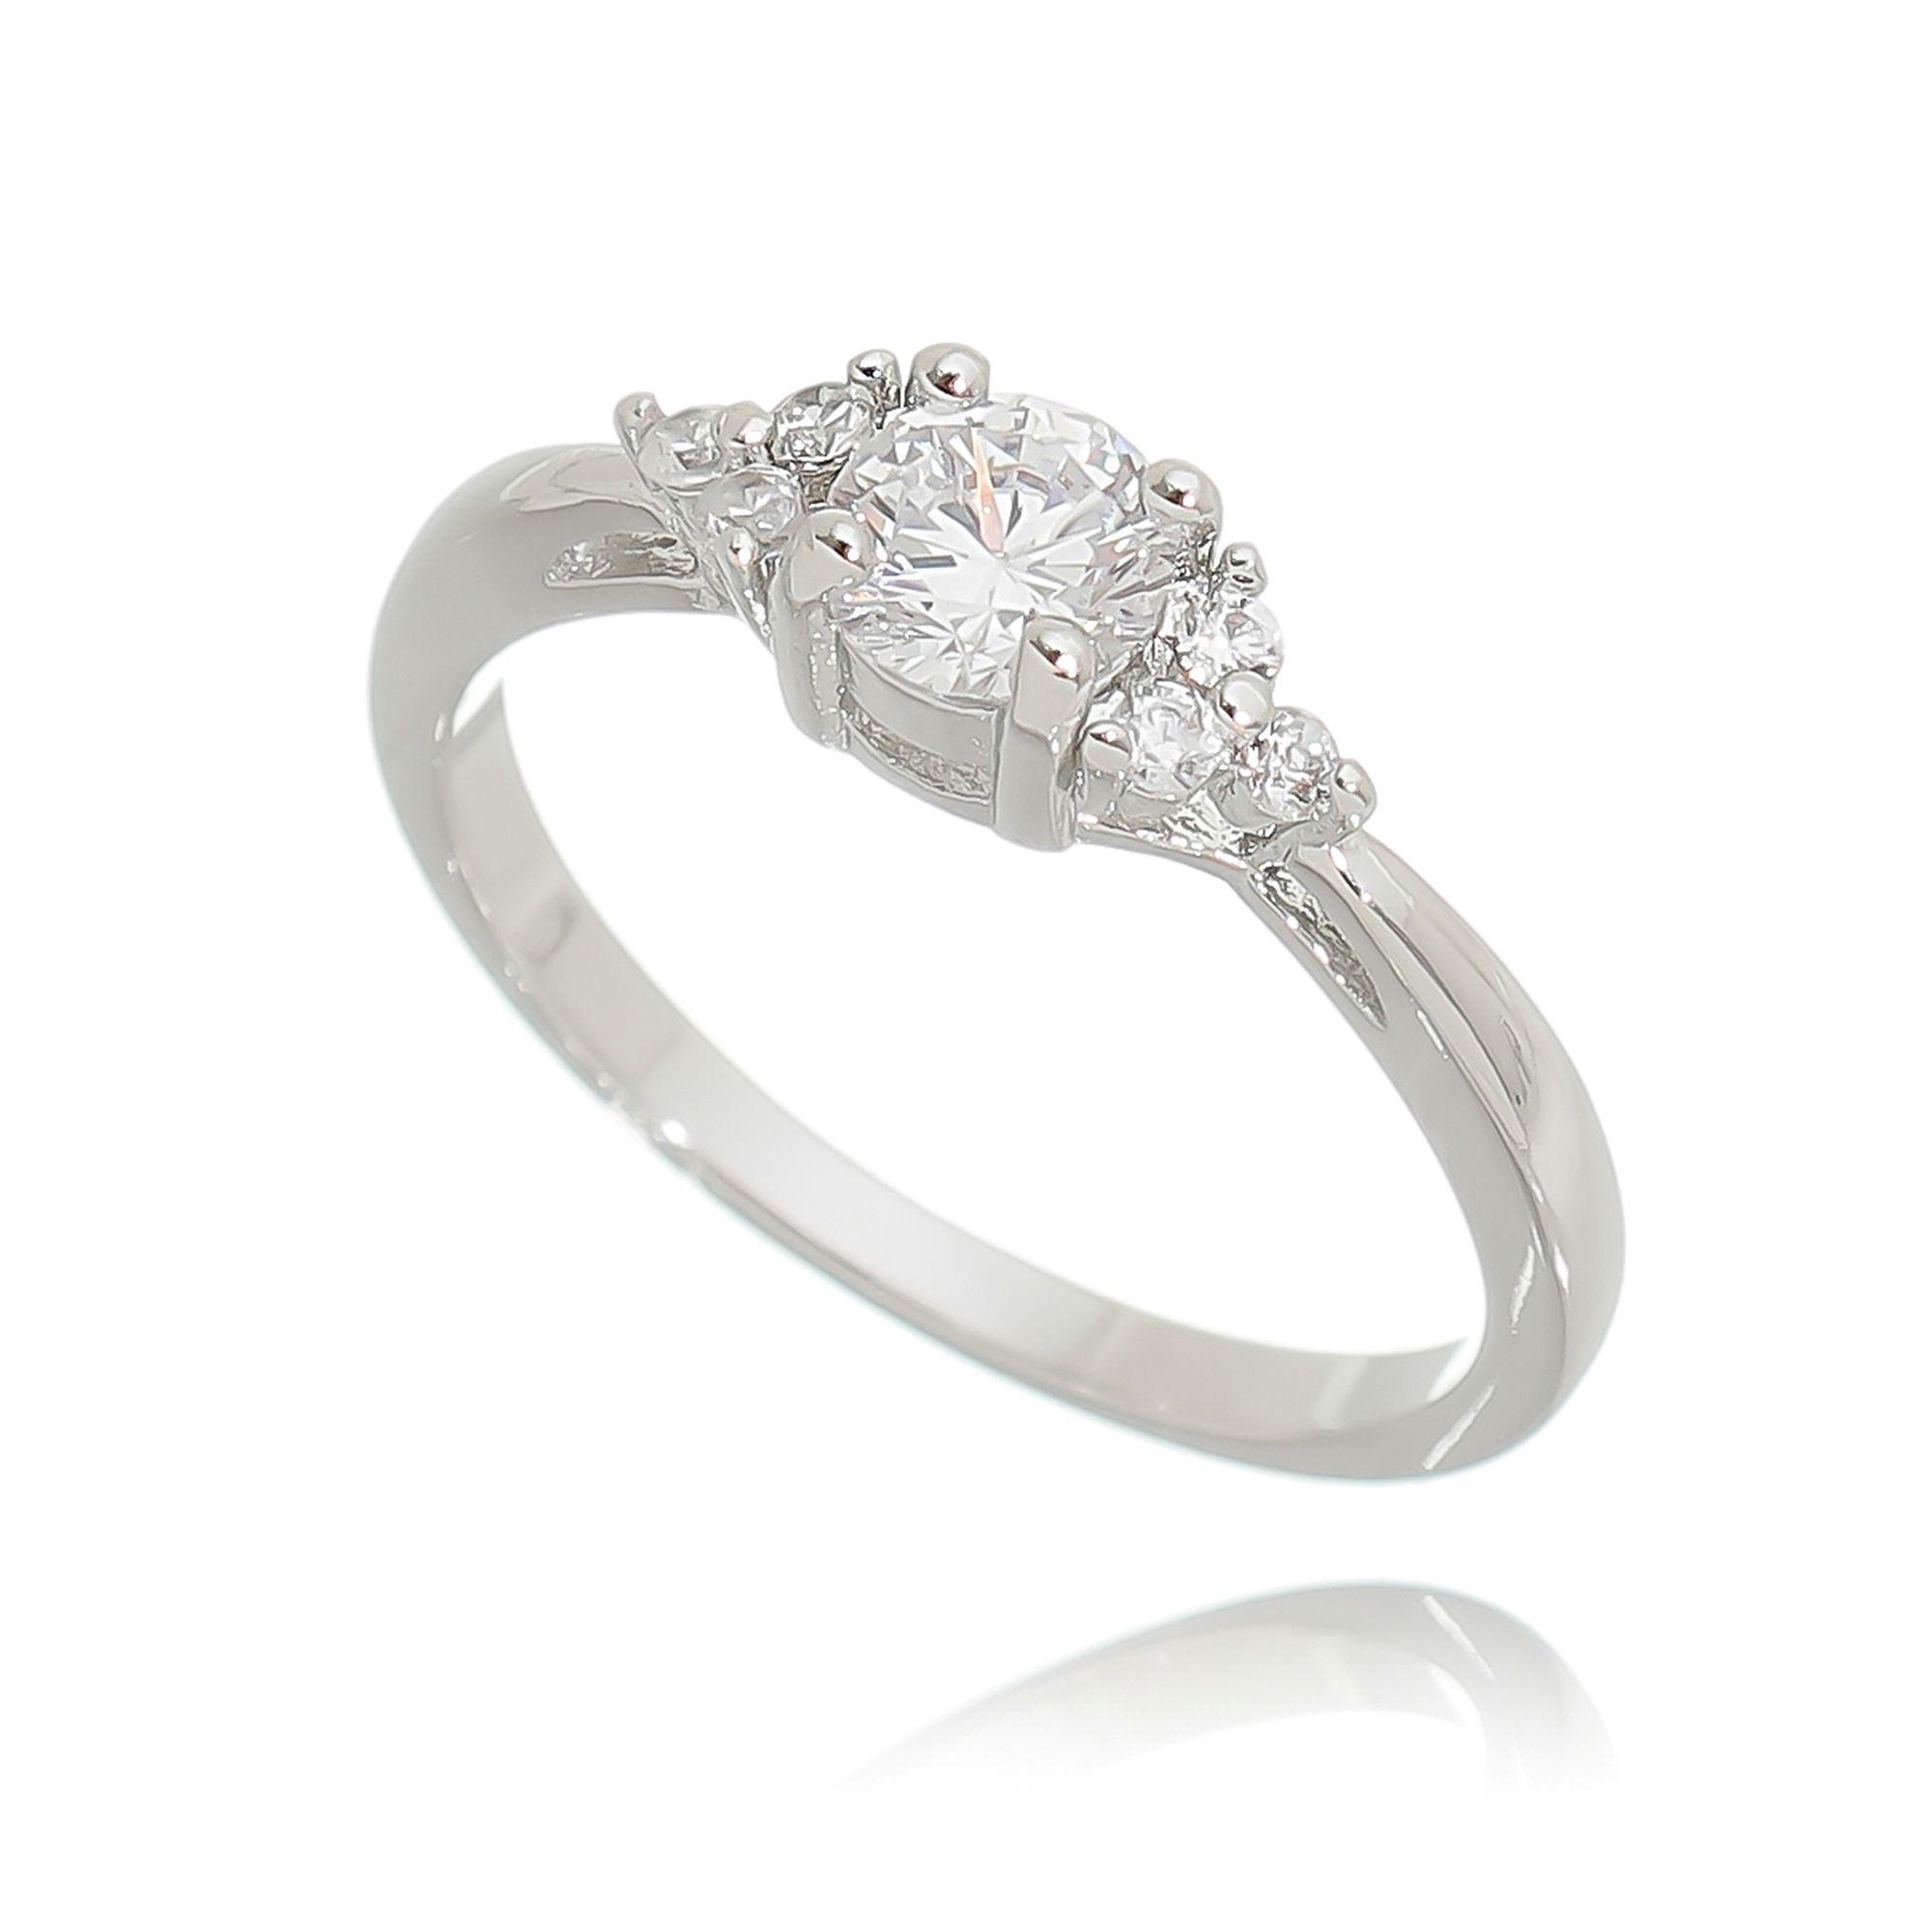 Anel Fino com Pedra Zircônia Cristal Semijoia Fina Ródio Branco  - Soloyou